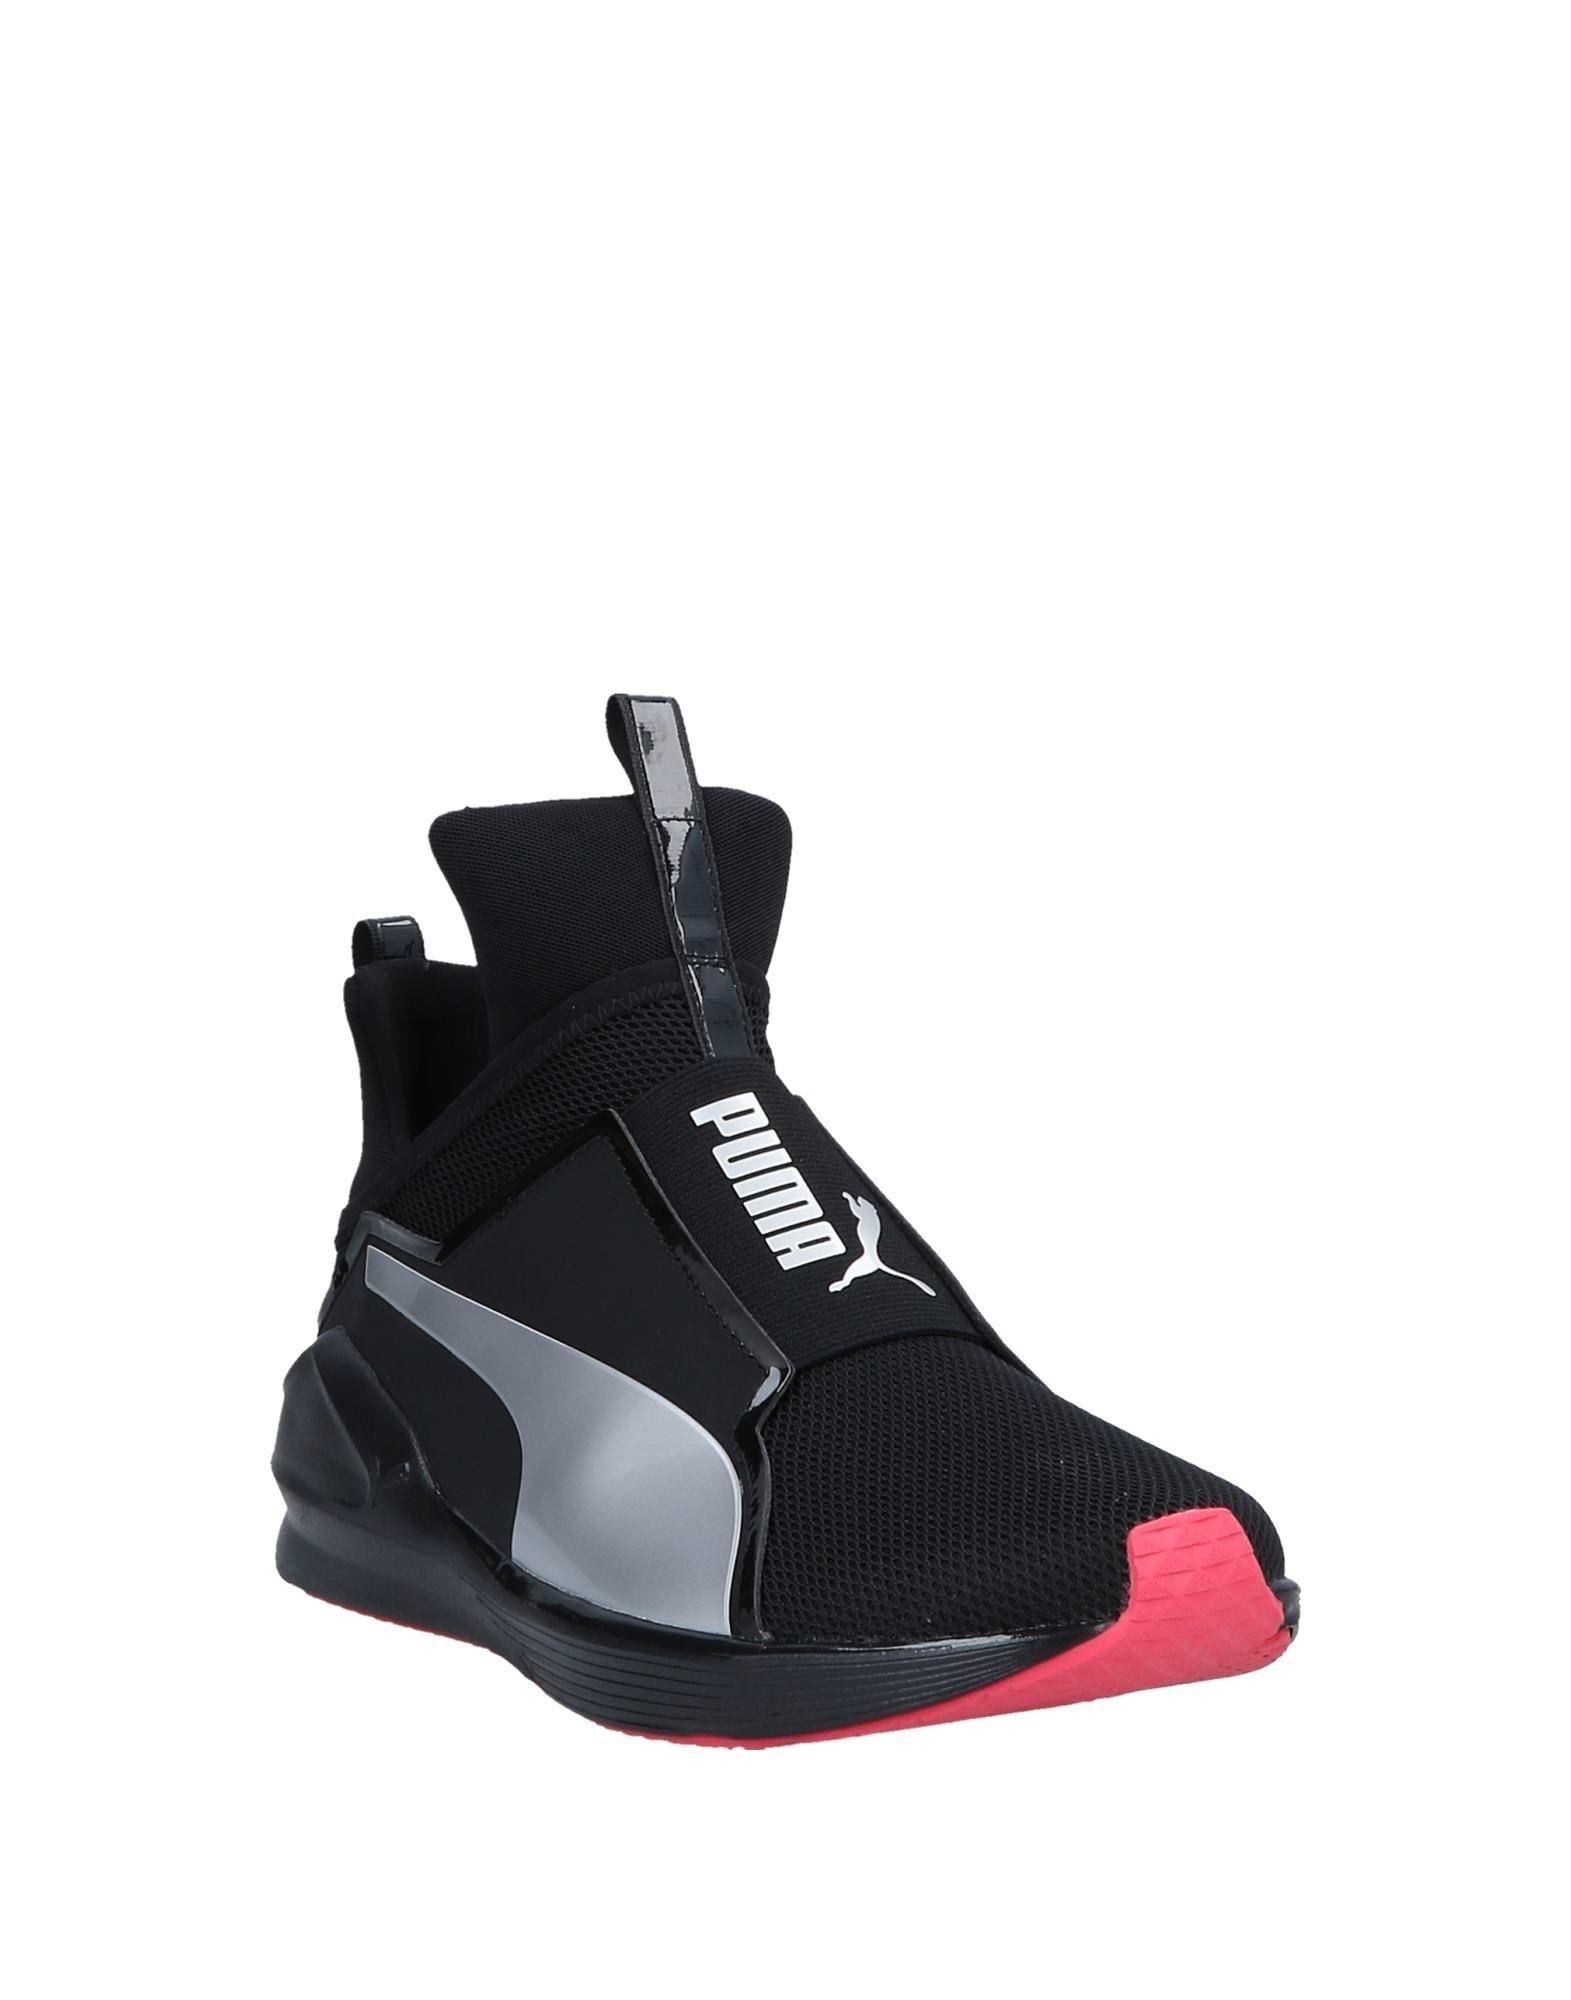 Puma Sneakers Damen Preis-Leistungs-Verhältnis, Gutes Preis-Leistungs-Verhältnis, Damen es lohnt sich 605aaf